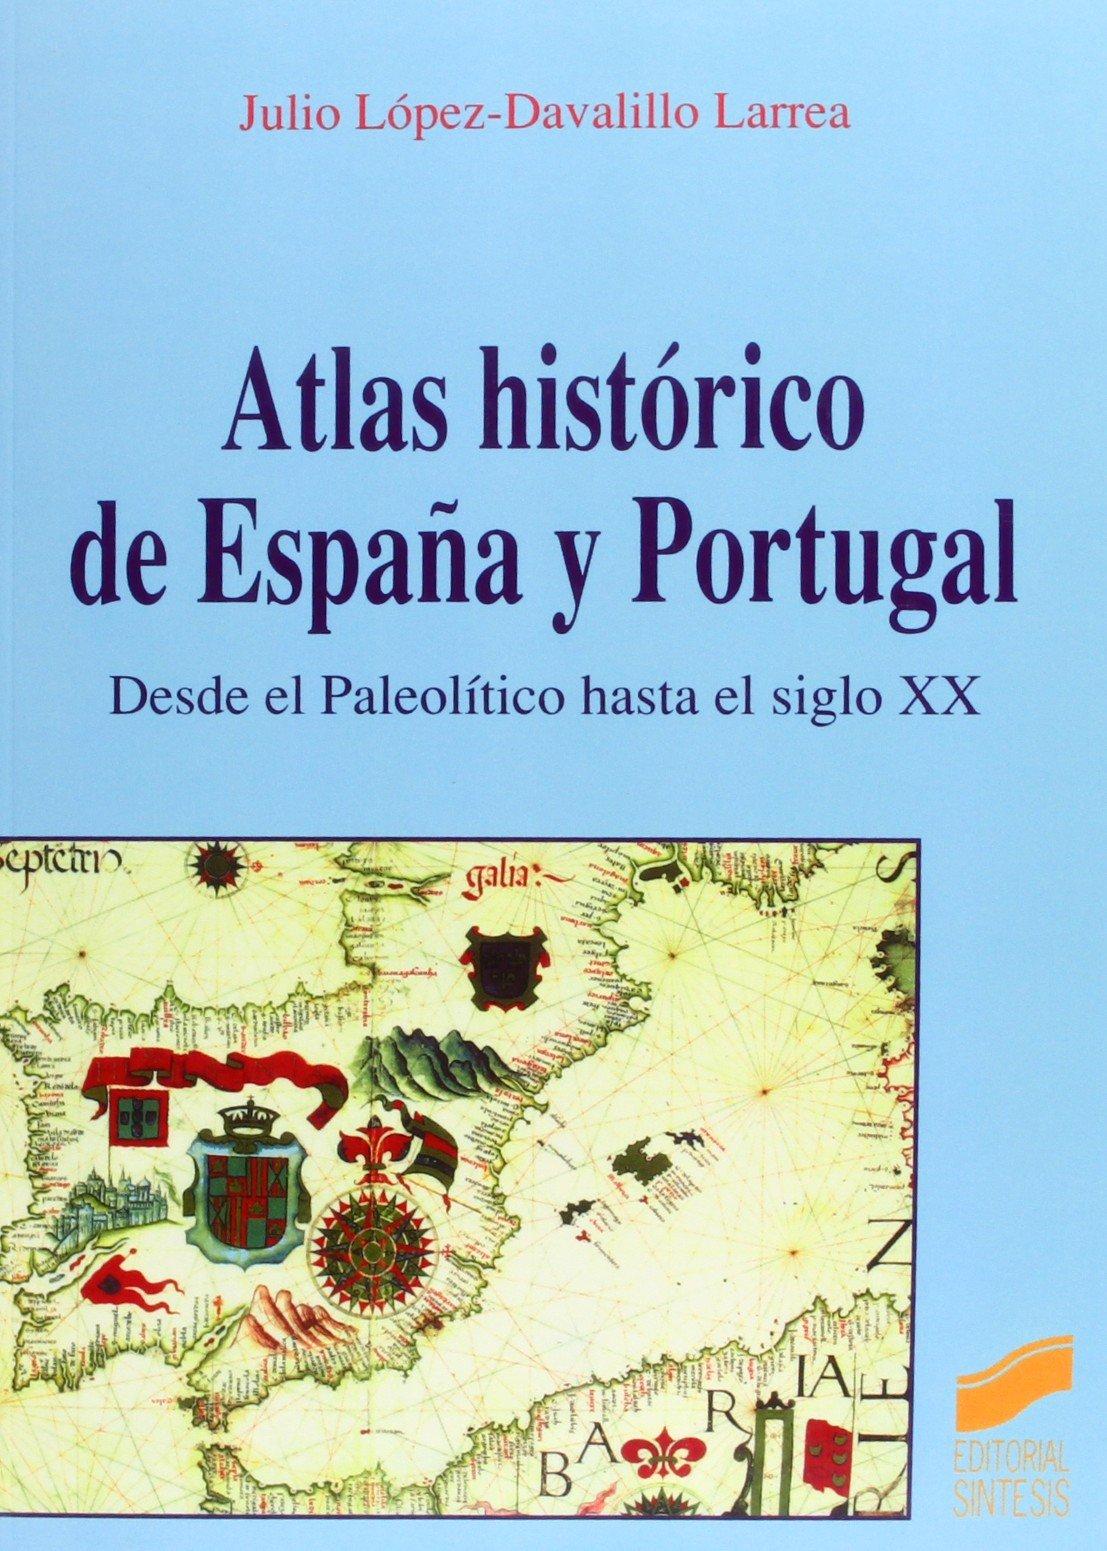 Atlas histórico de España y Portugal Book Cover